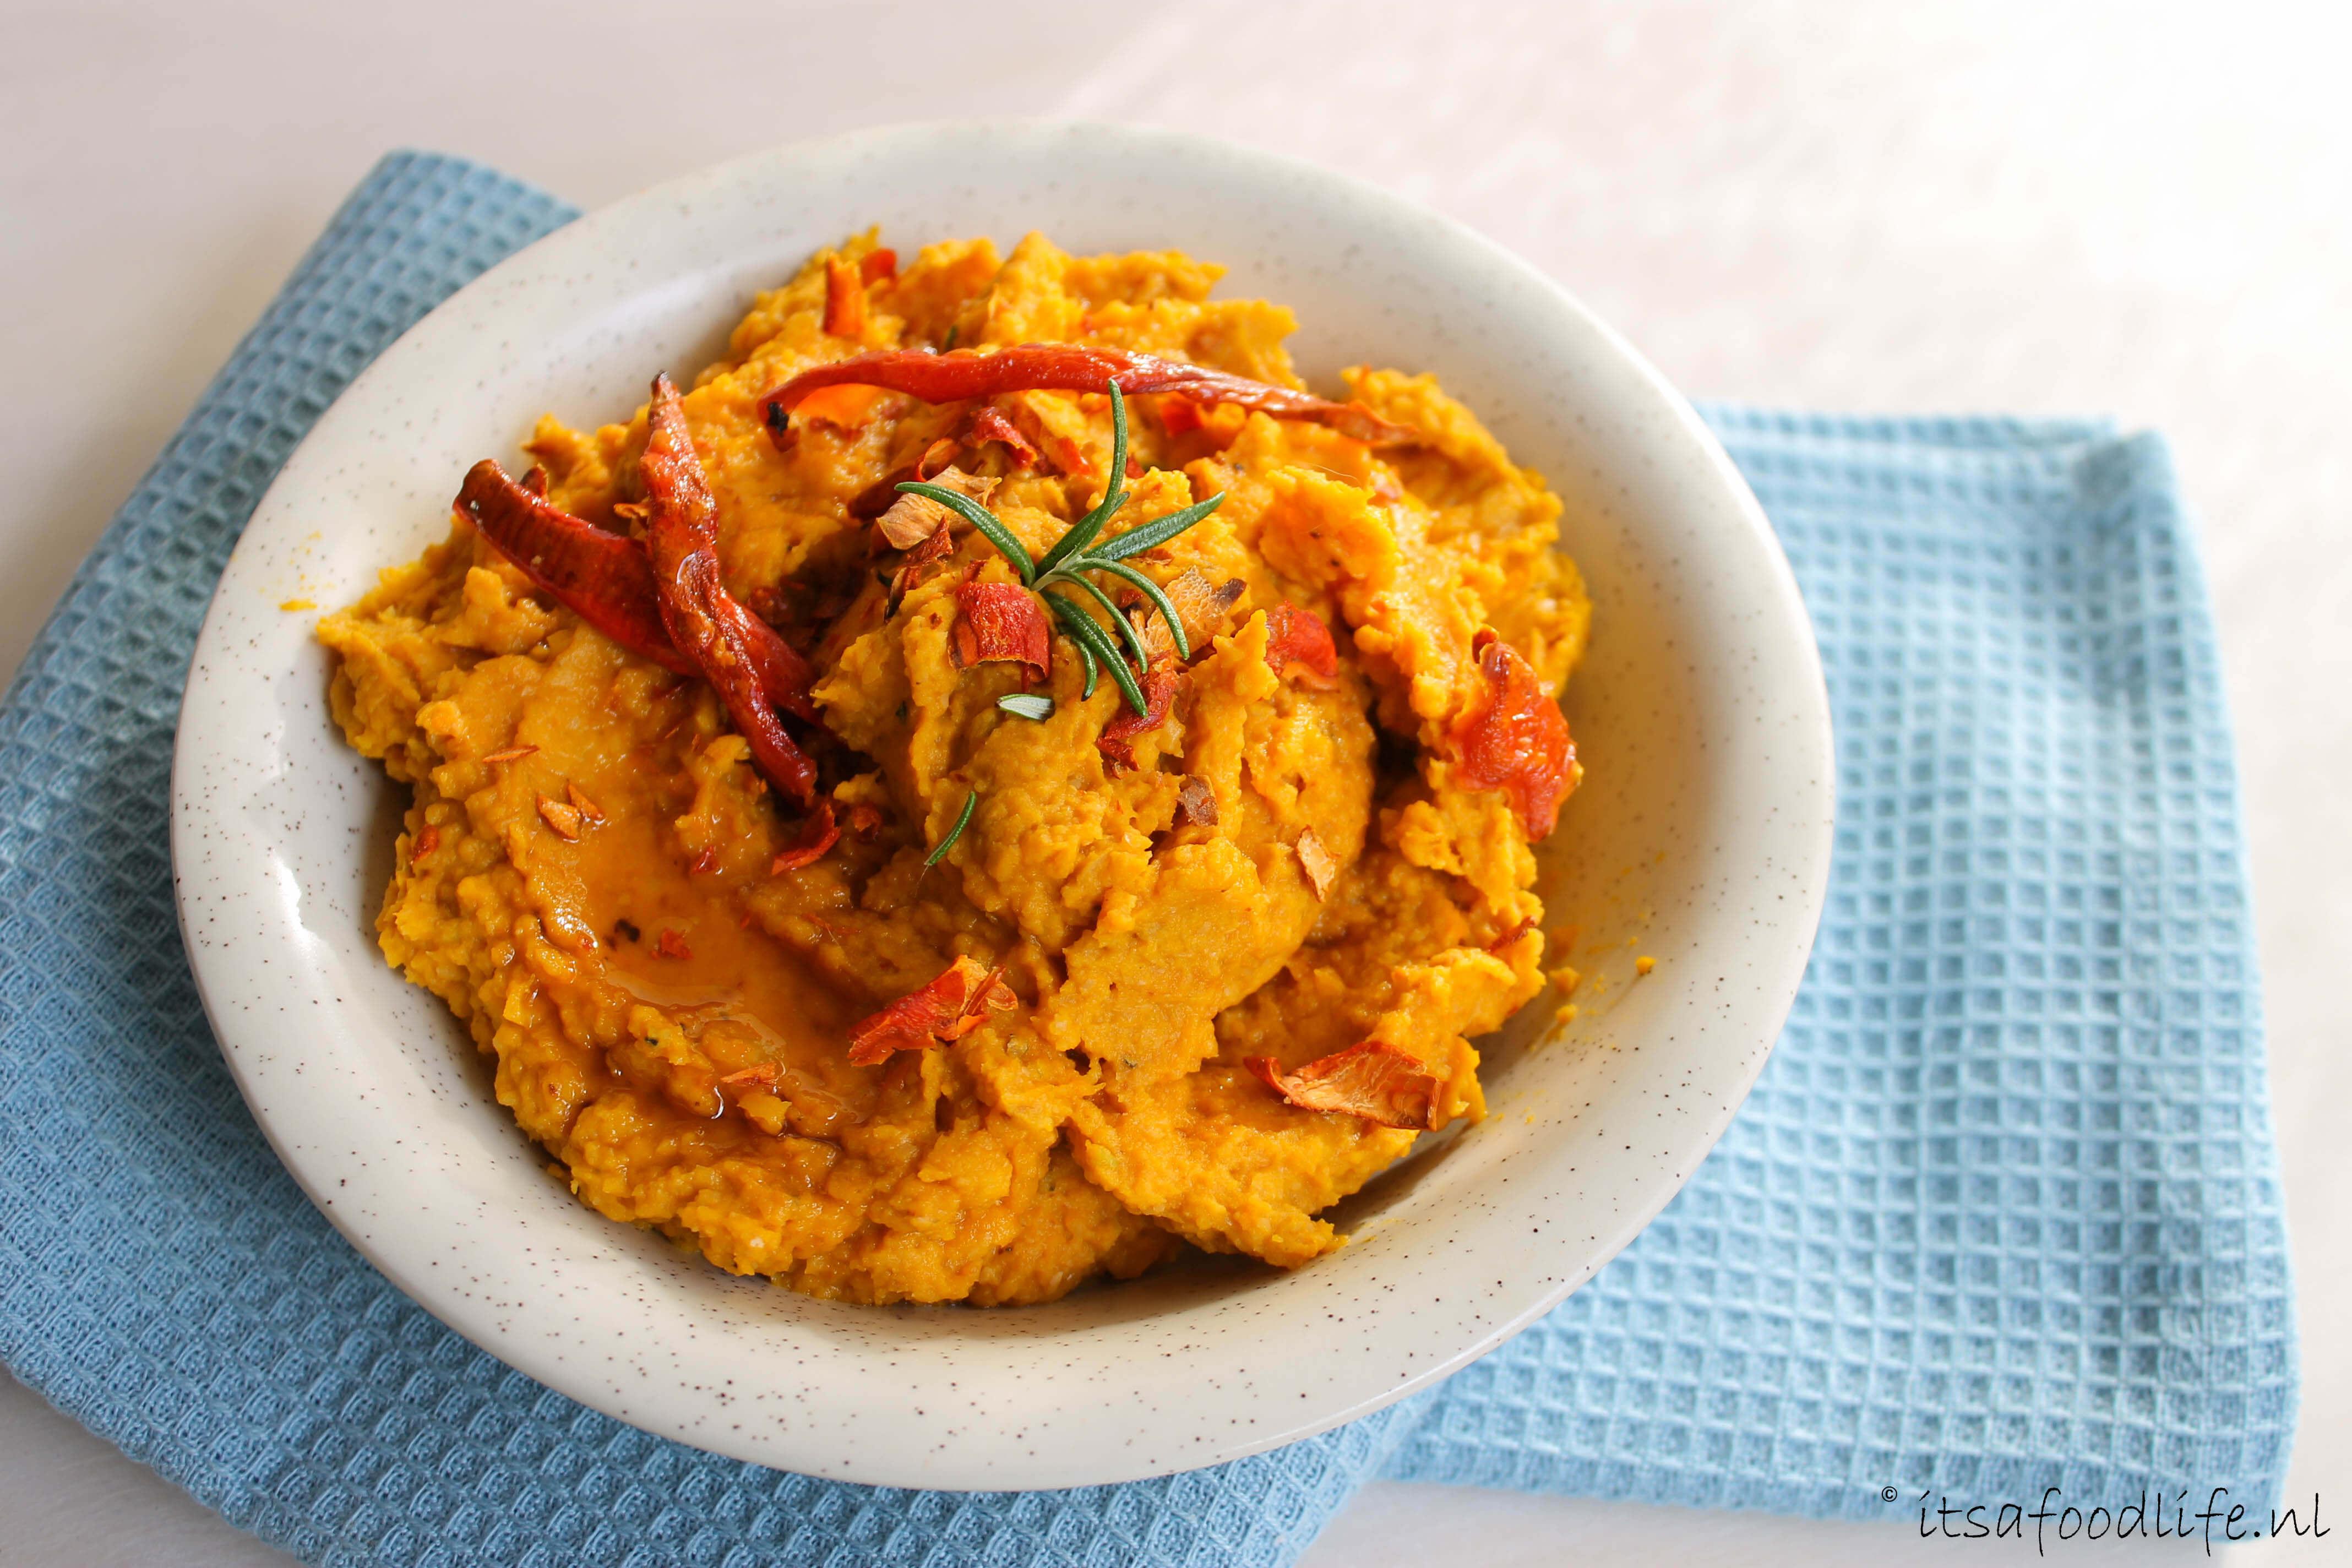 pompoen hummus met geroosterde knoflook en pompoenchips | It's a Food Life